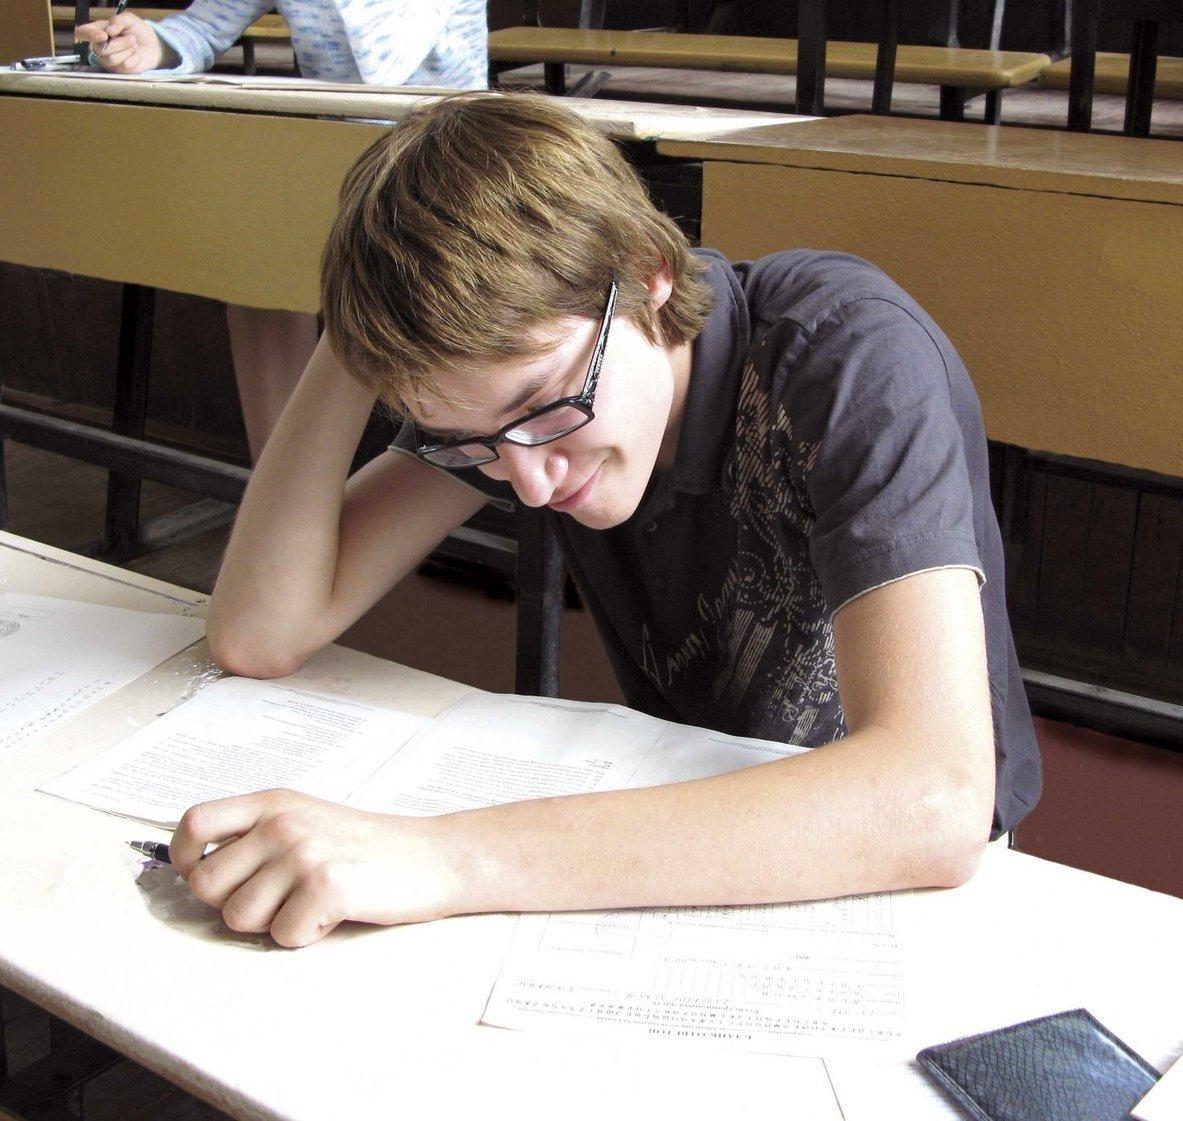 Студентка пришла сдавать зачет к профессору на дом 12 фотография